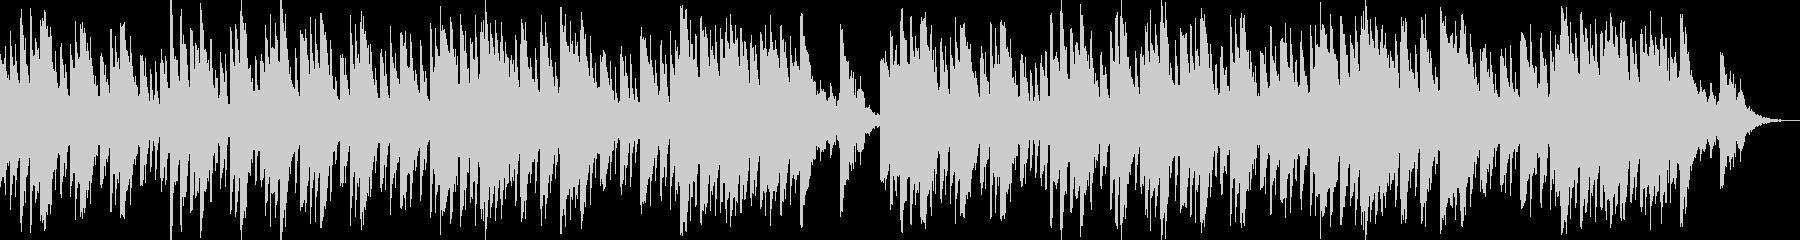 洞窟探検のBGMの未再生の波形